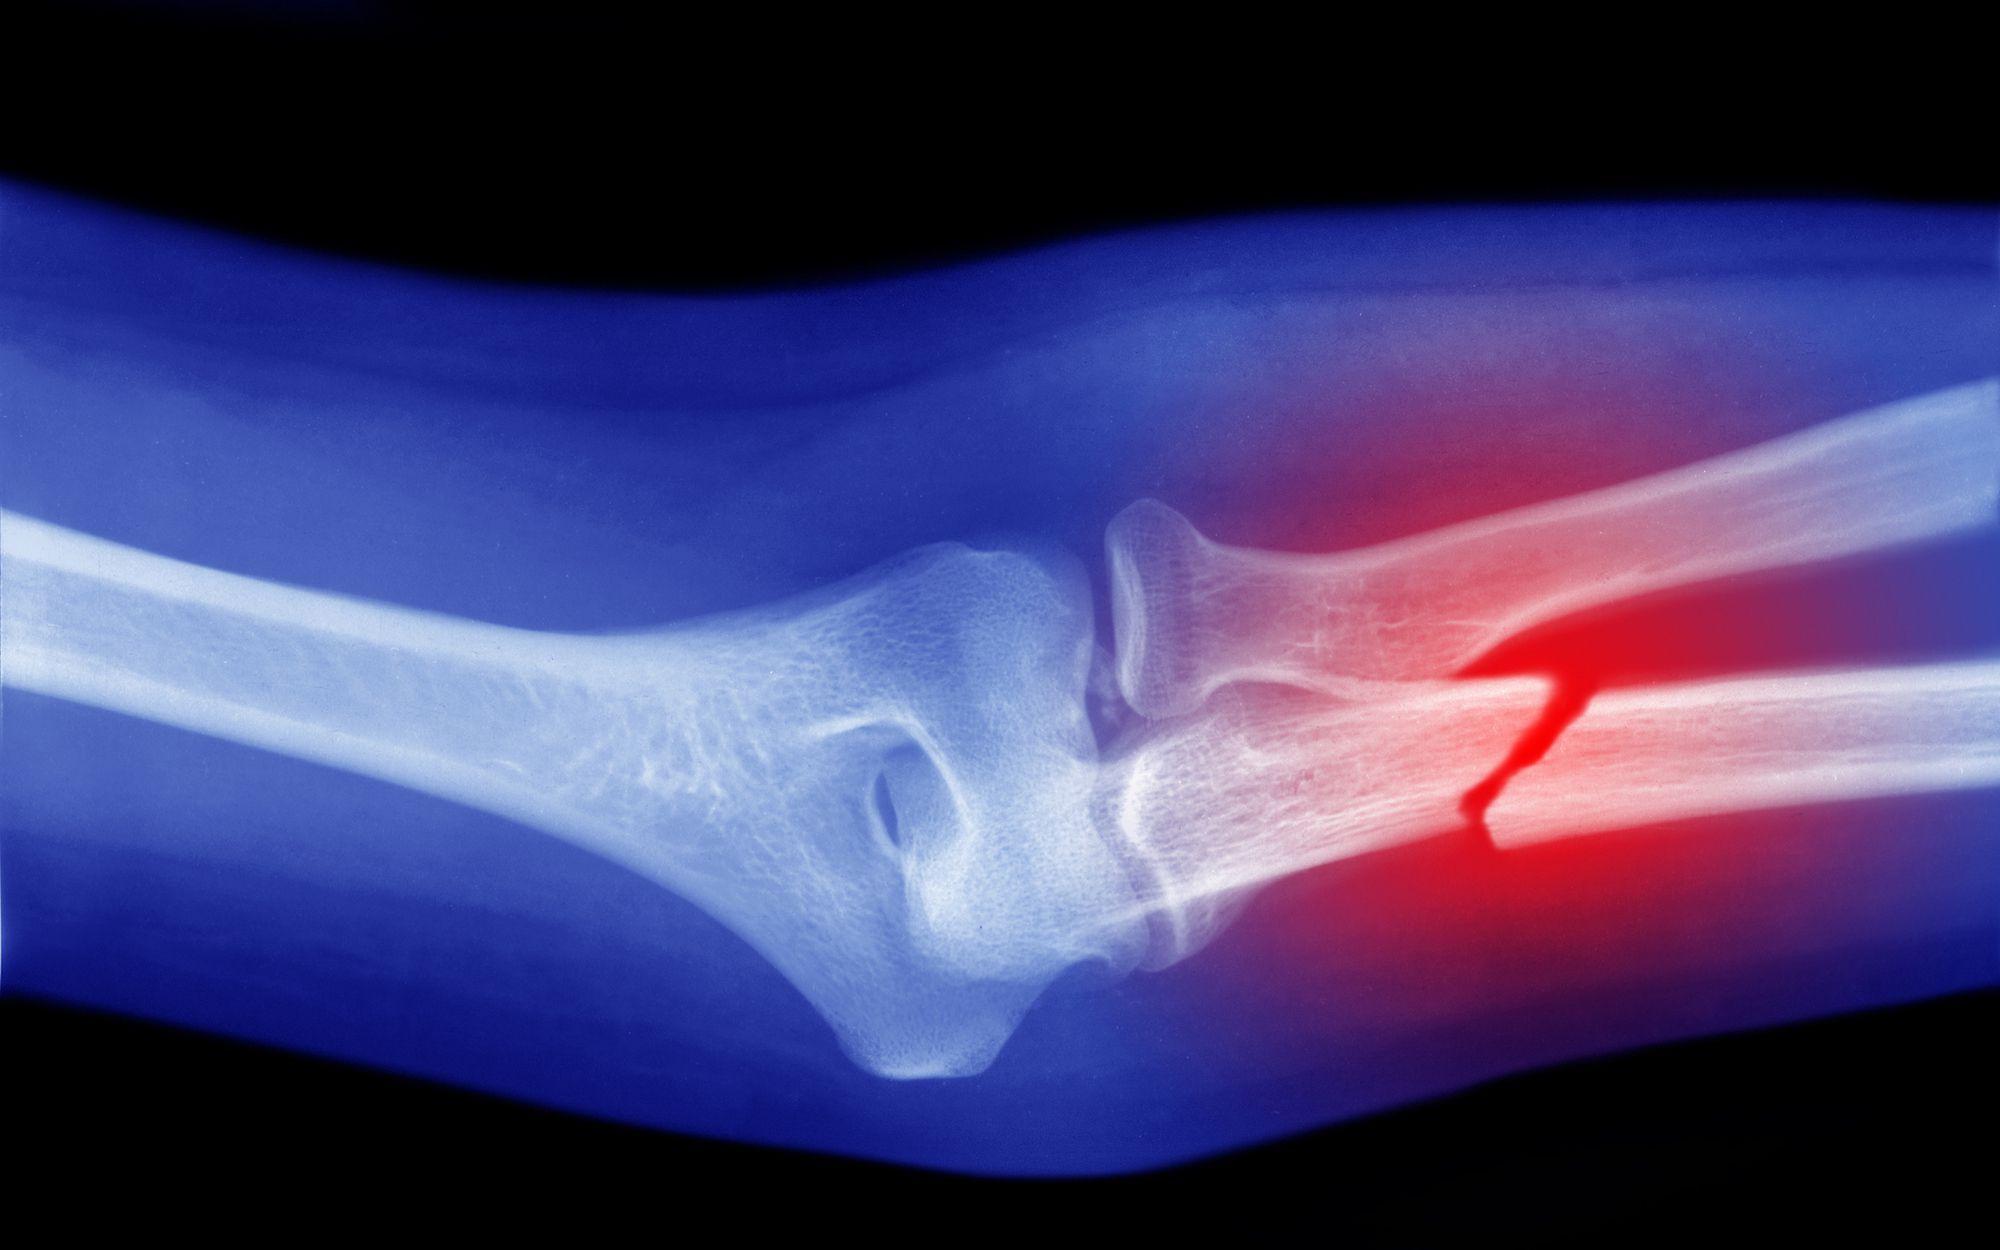 Terapi Patah Tulang di Tangerang dan Palembang Paling Direkomendasikan